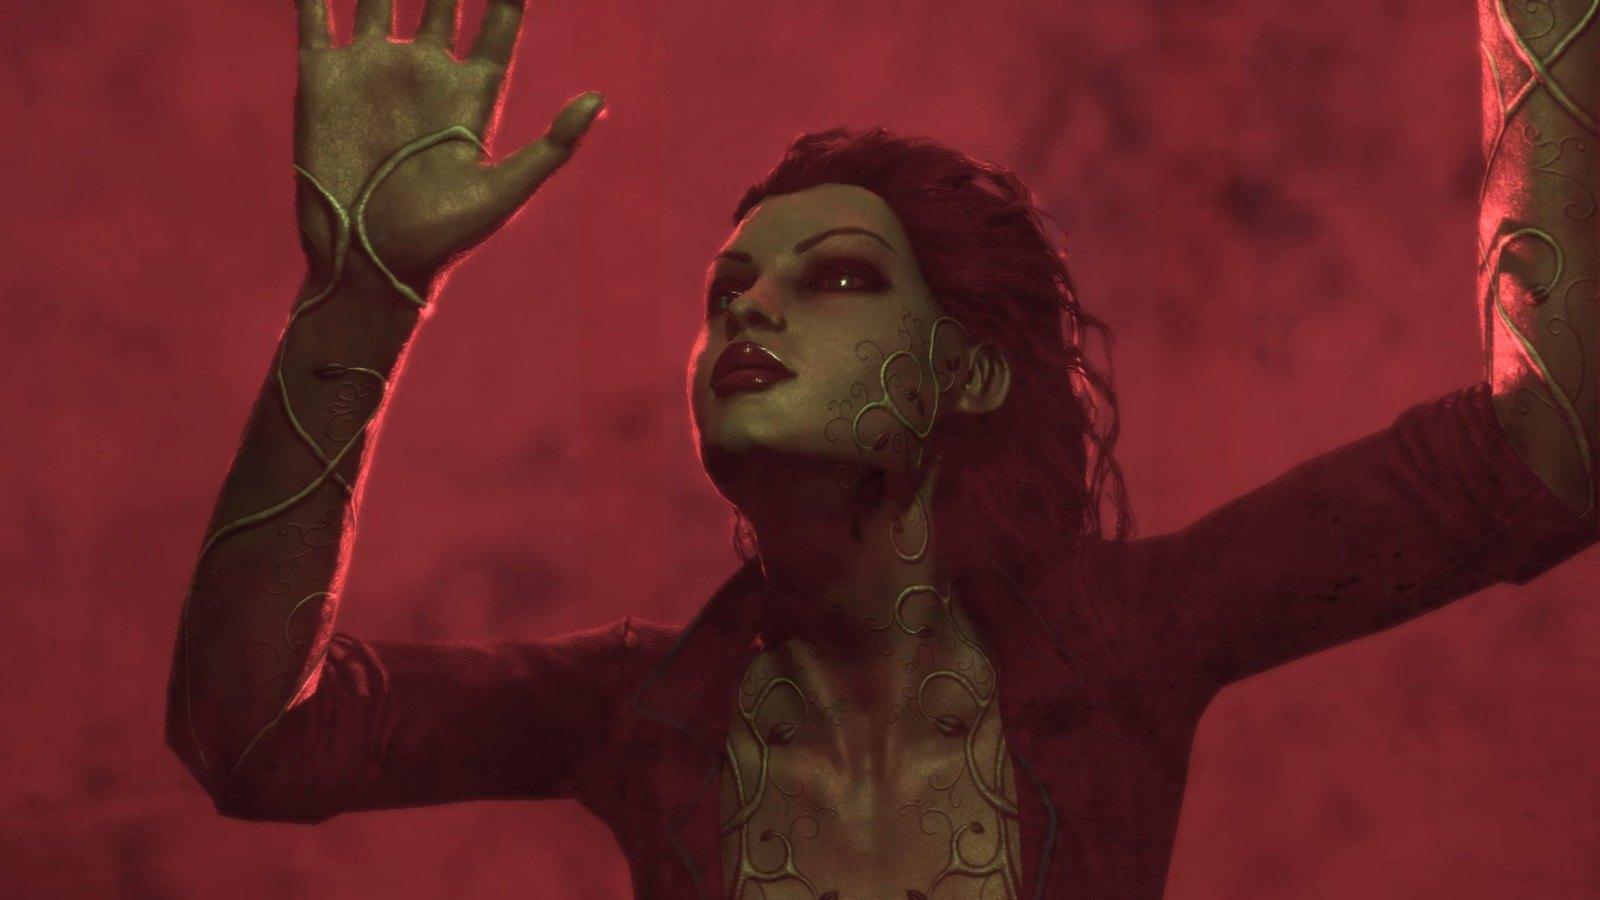 40203870121_6b7ccddcb0_h.jpg - Batman: Arkham Asylum